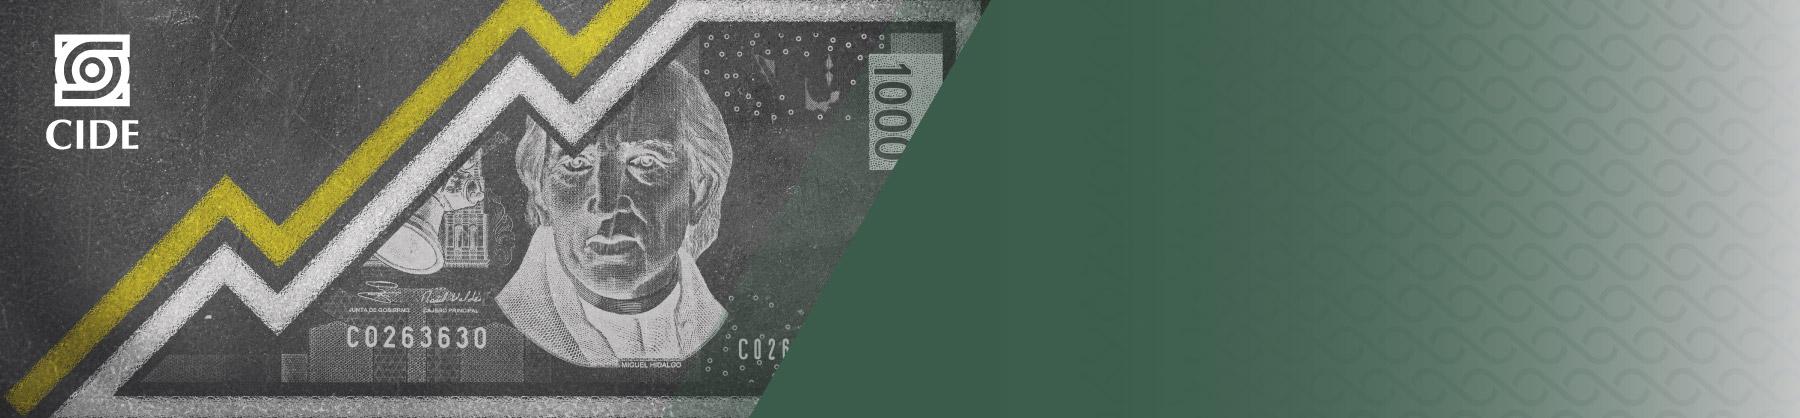 cide_CONFERENCIA_DE_PRENSA_Perspectivas_economicas_2018